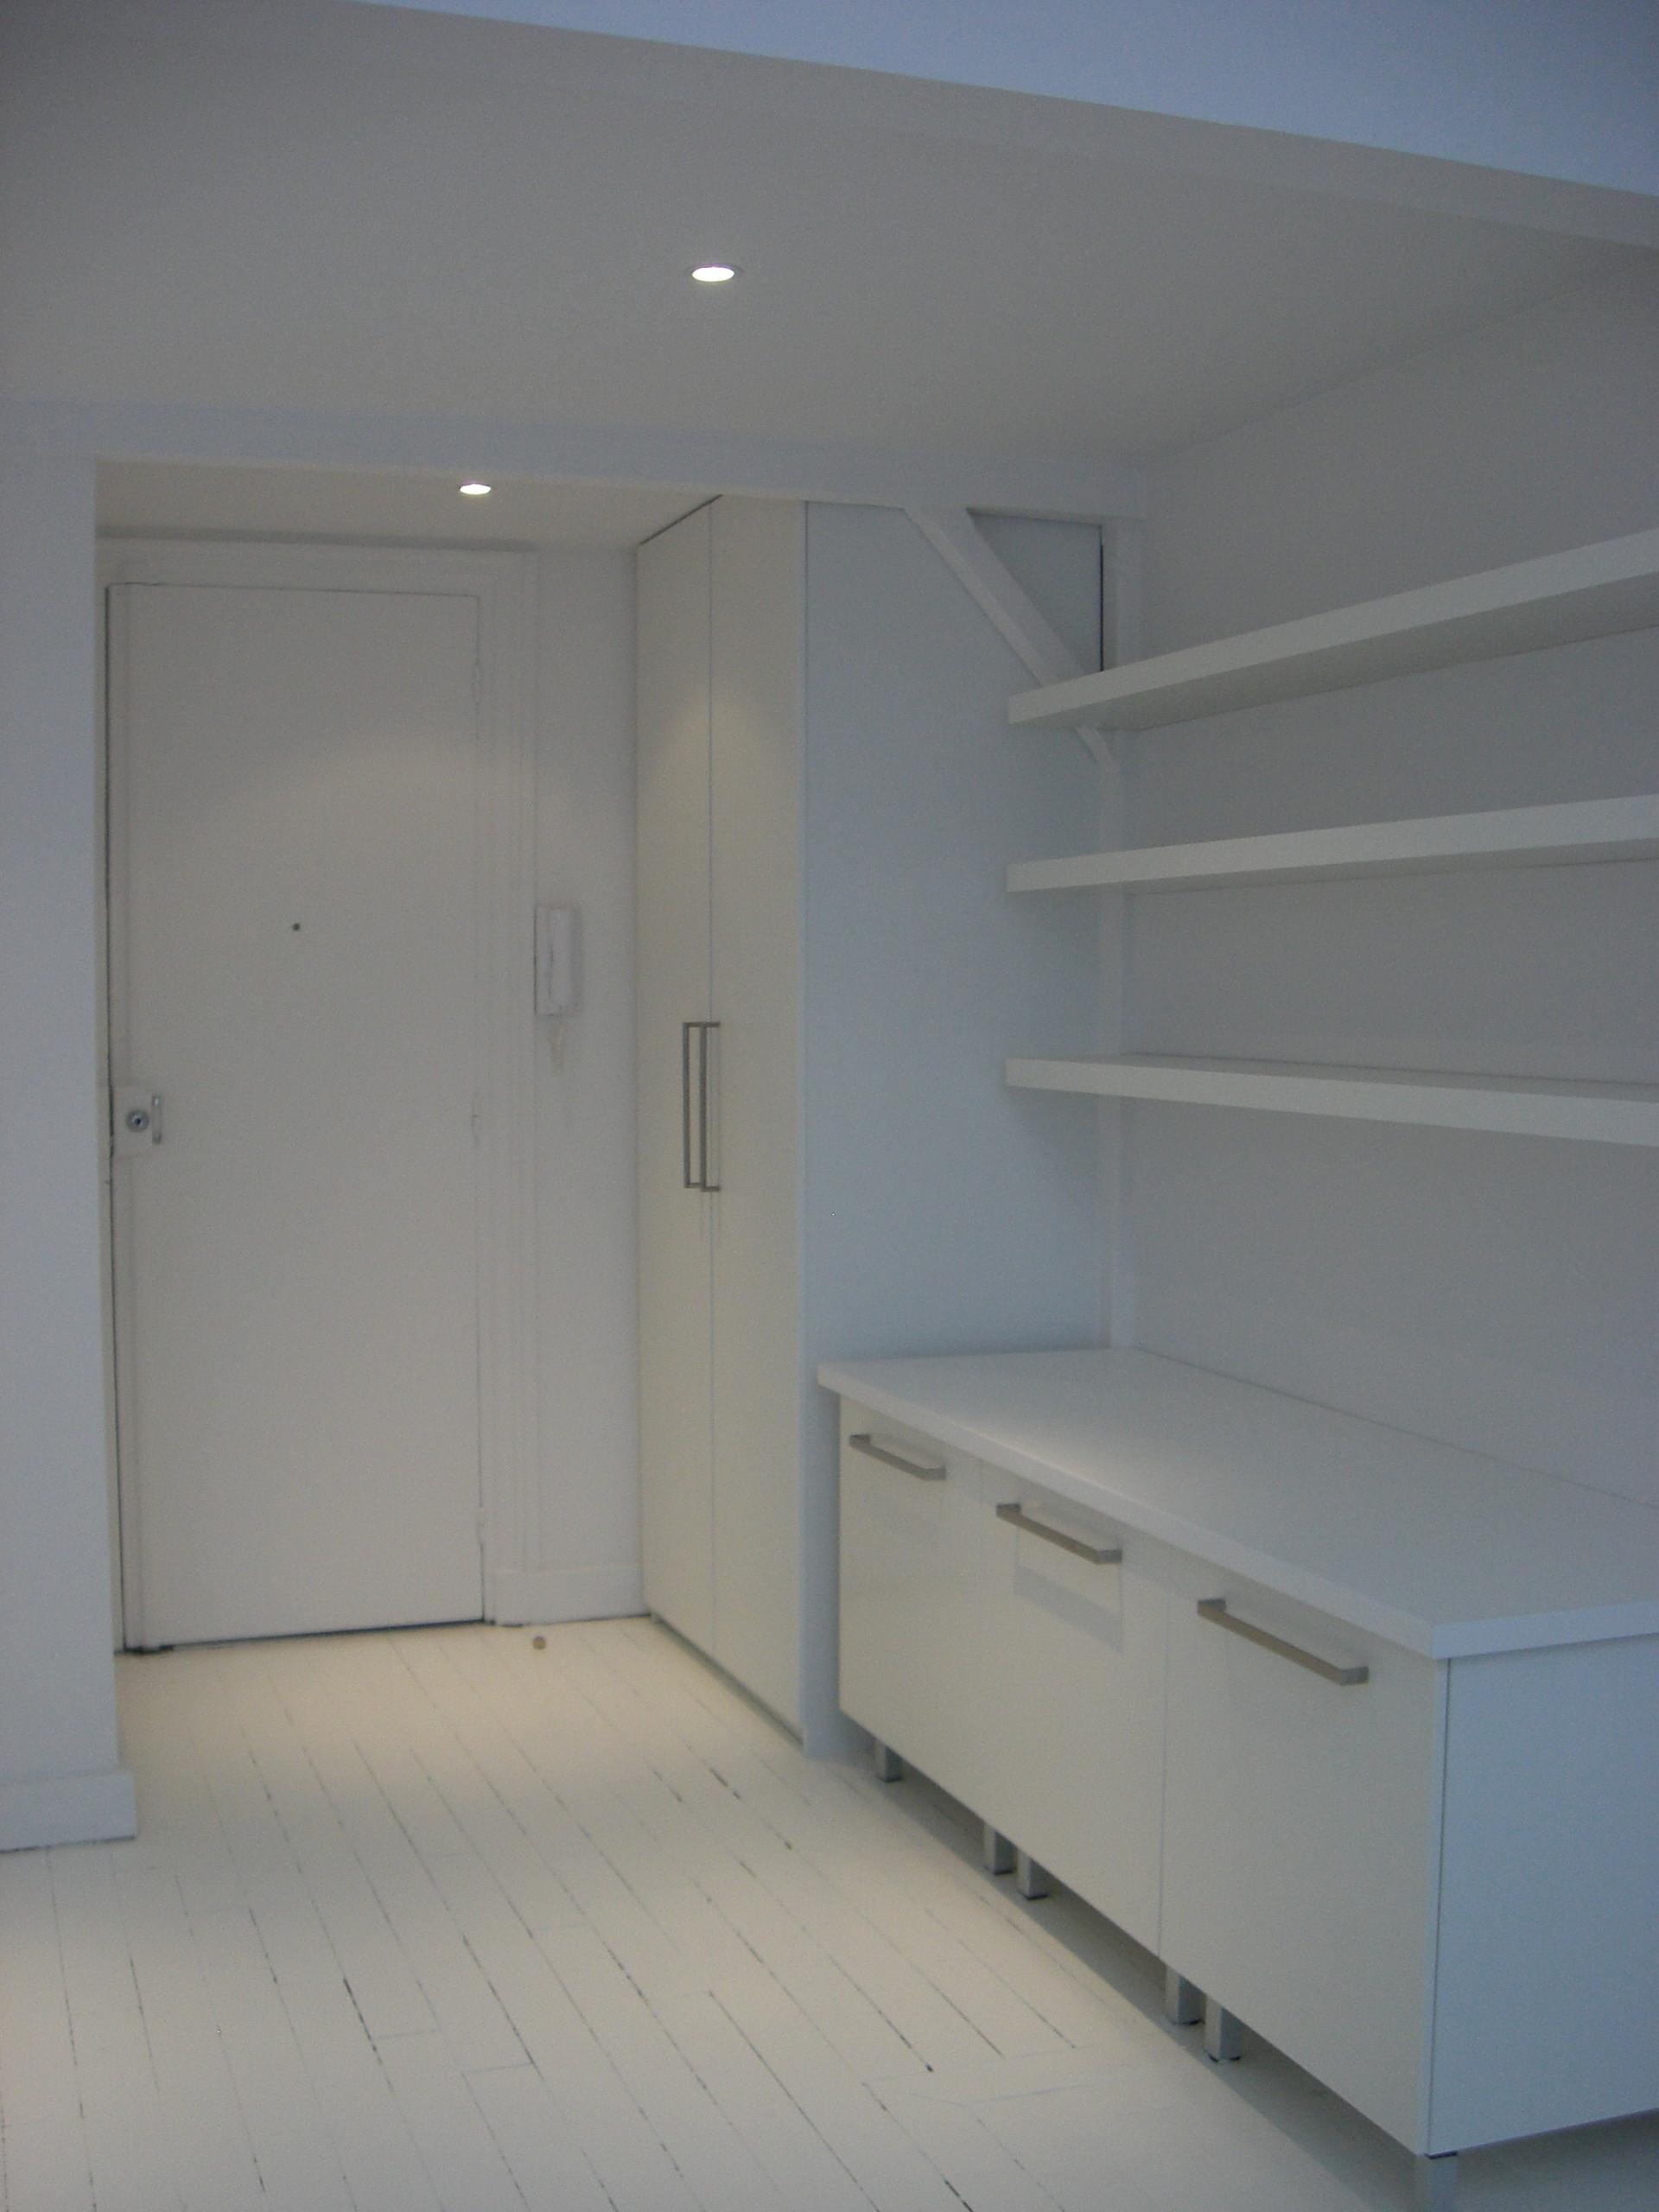 Optimisation de l'espace dans un atelier d'artiste